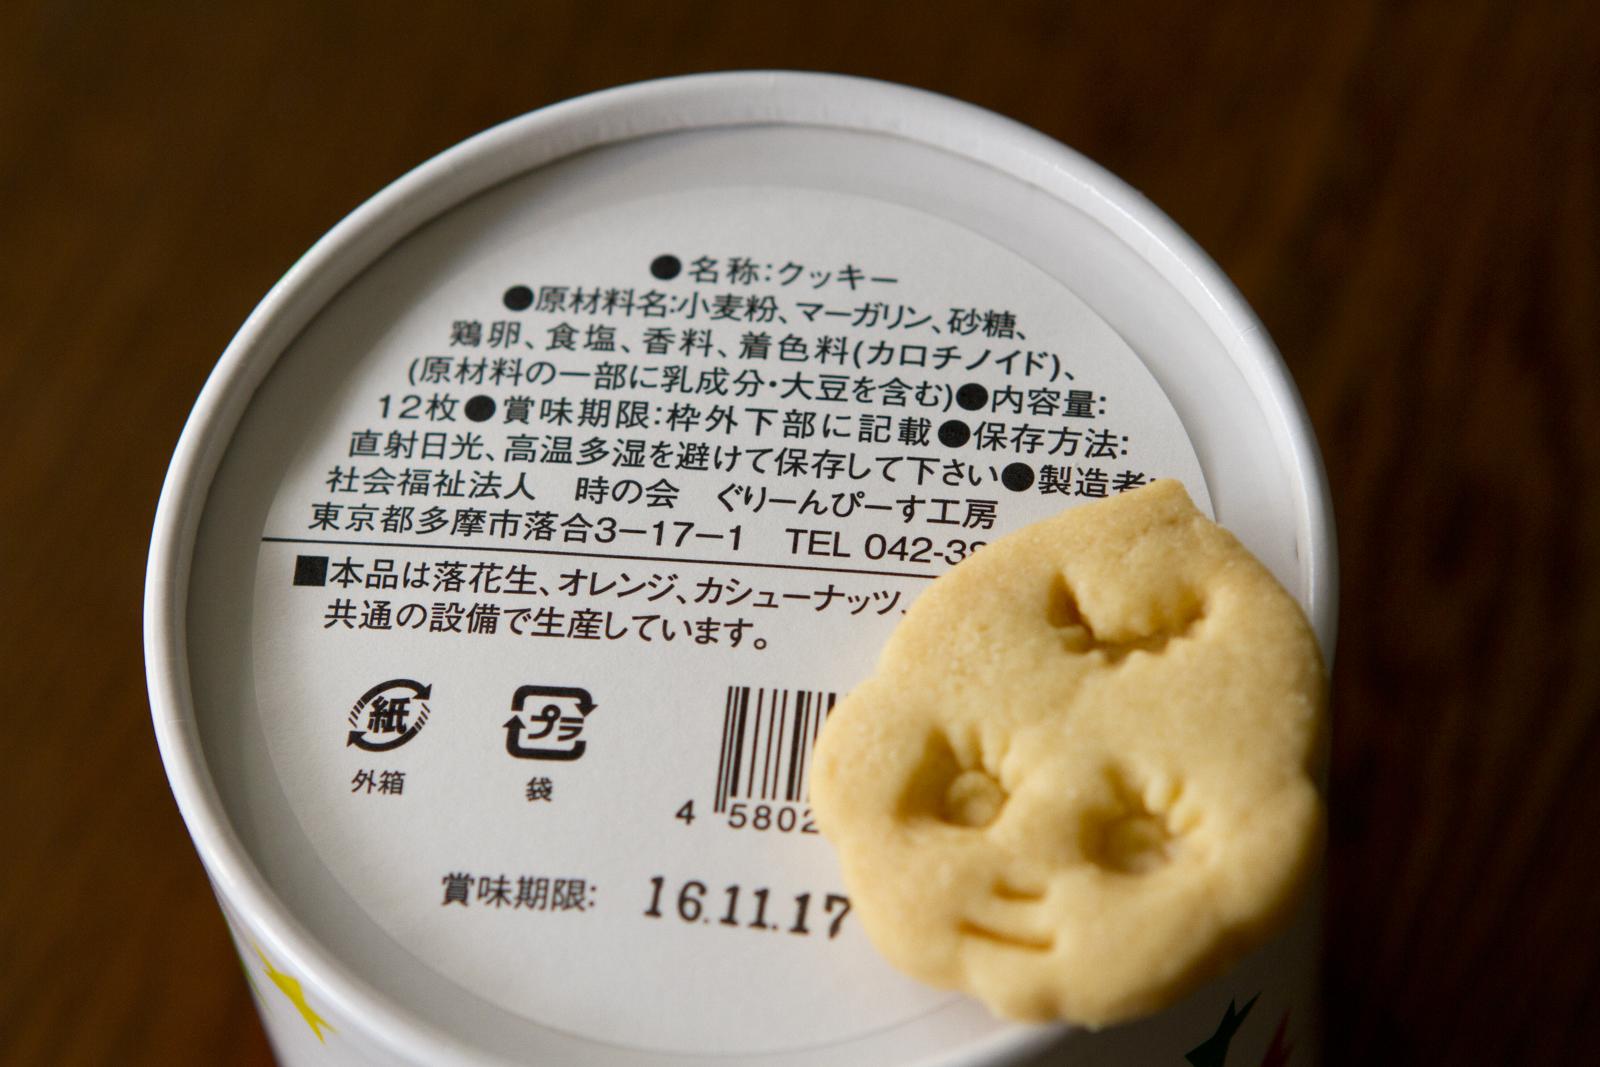 クッキーBOXの製造